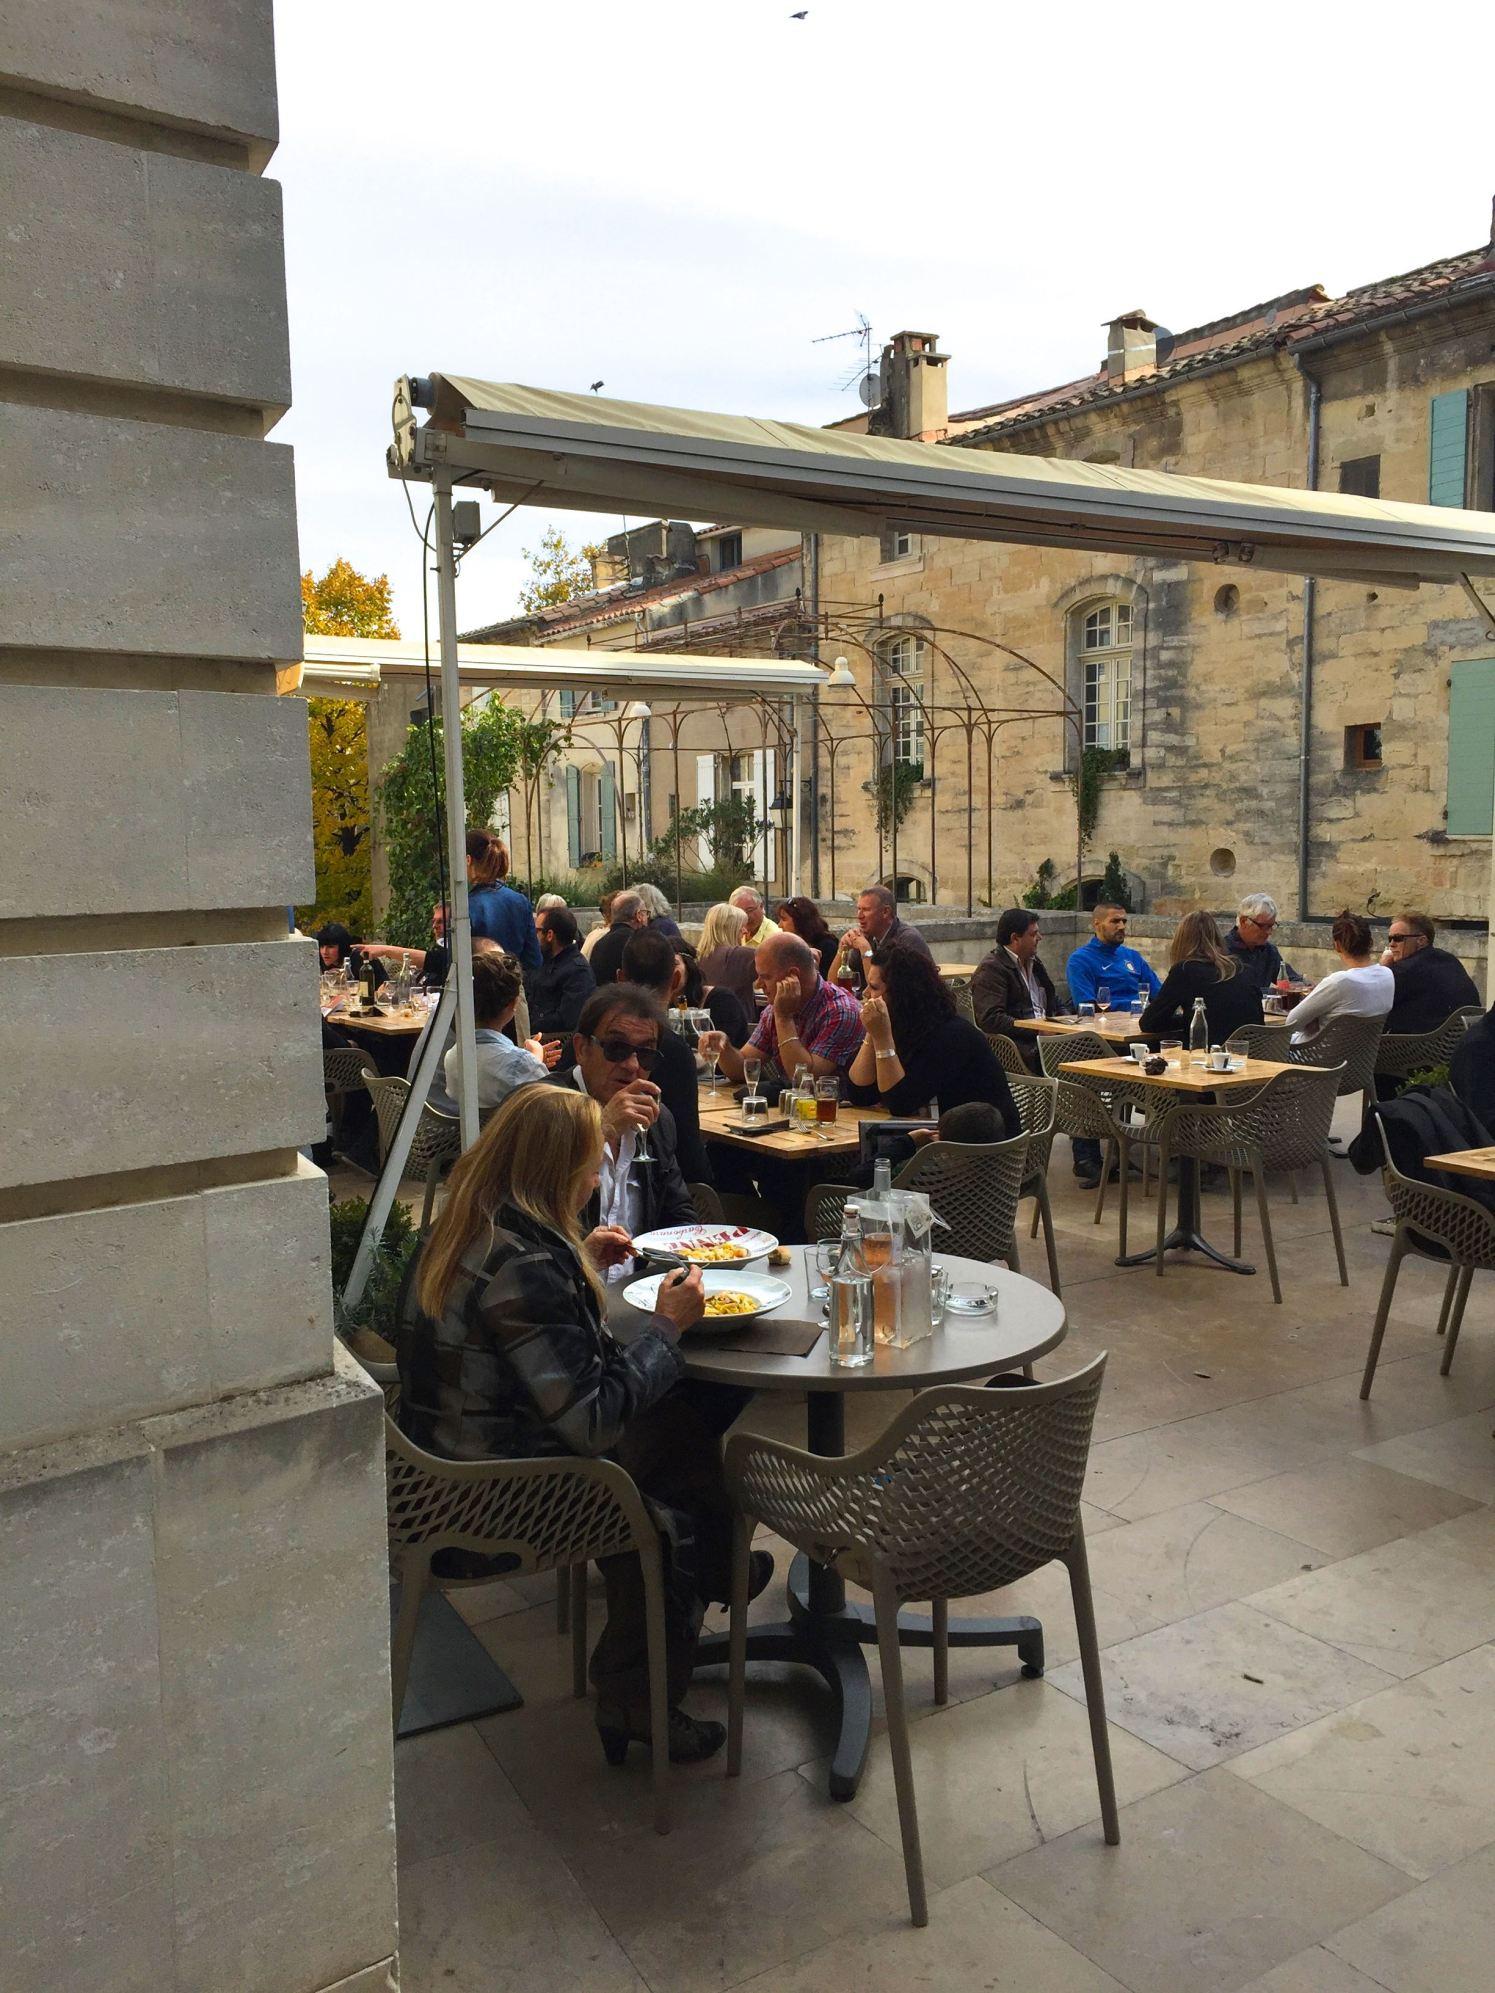 Italian restaurant in Uzes France